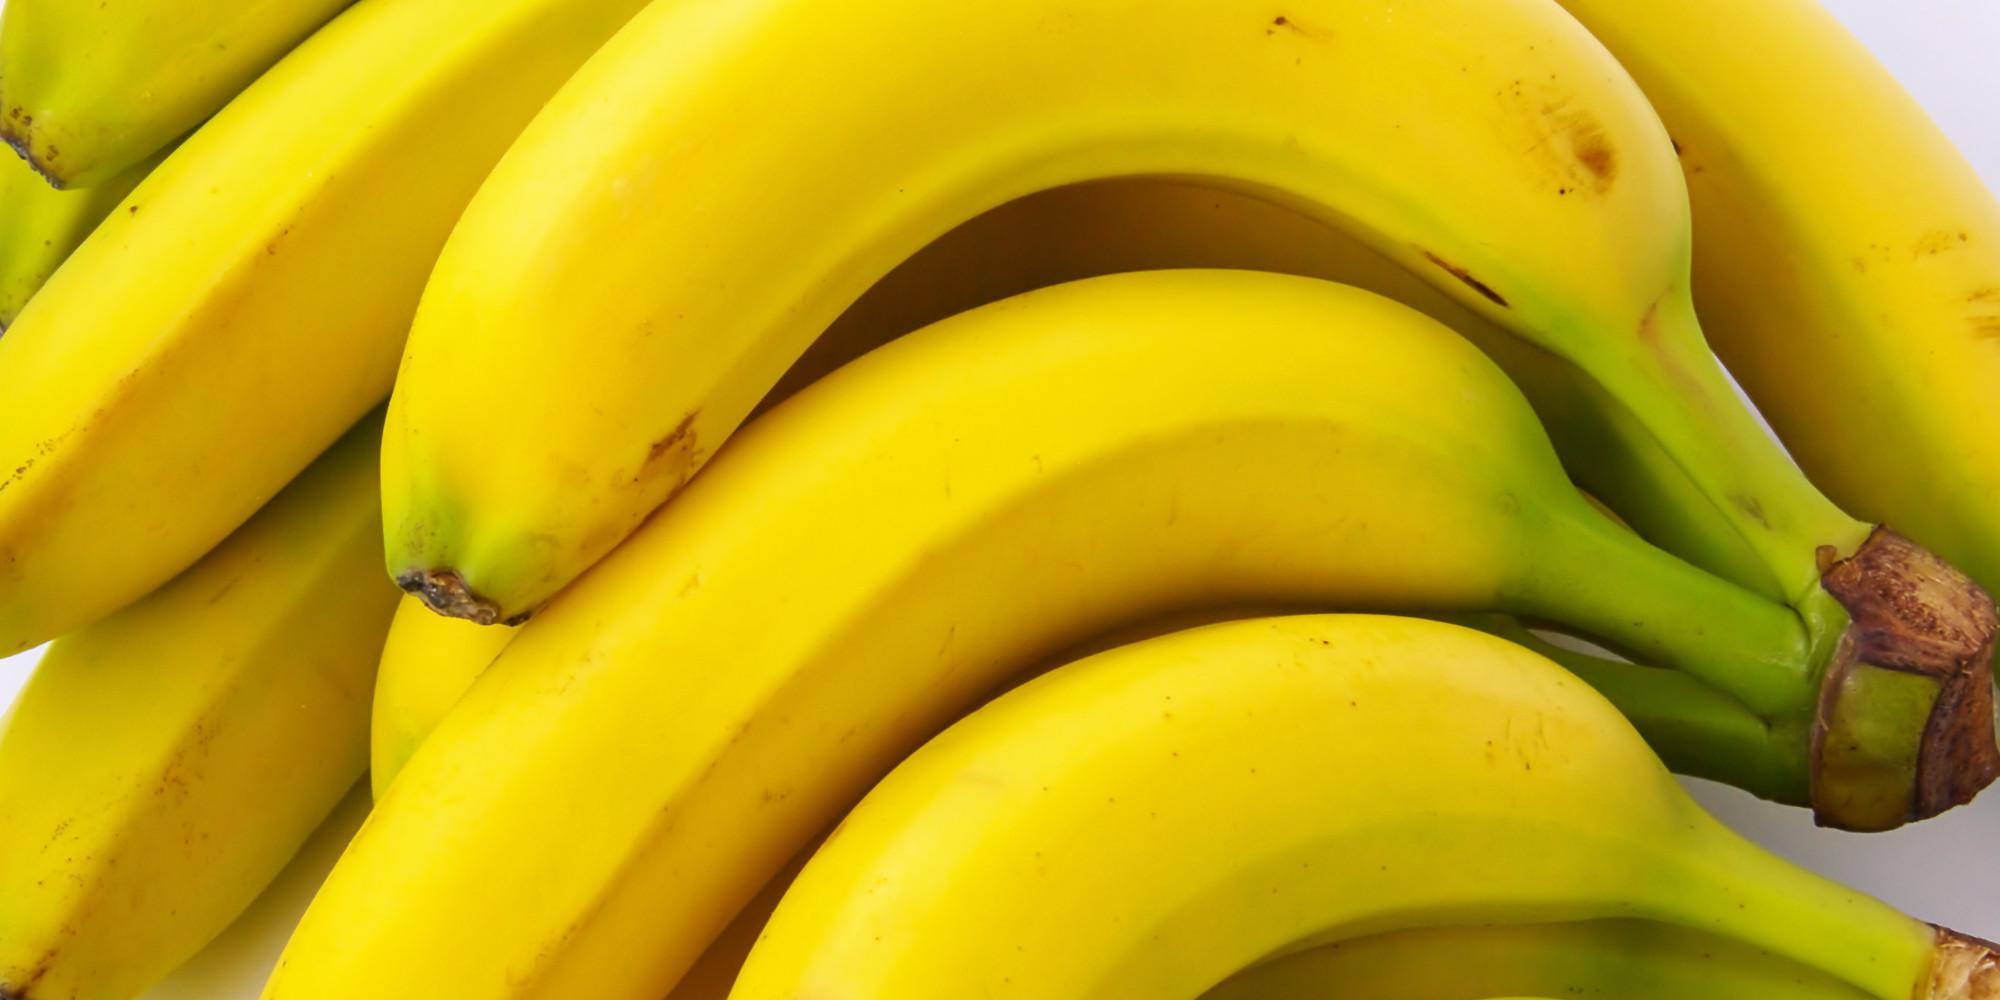 il est d sormais interdit de manger une banane devant sa webcam en chine. Black Bedroom Furniture Sets. Home Design Ideas